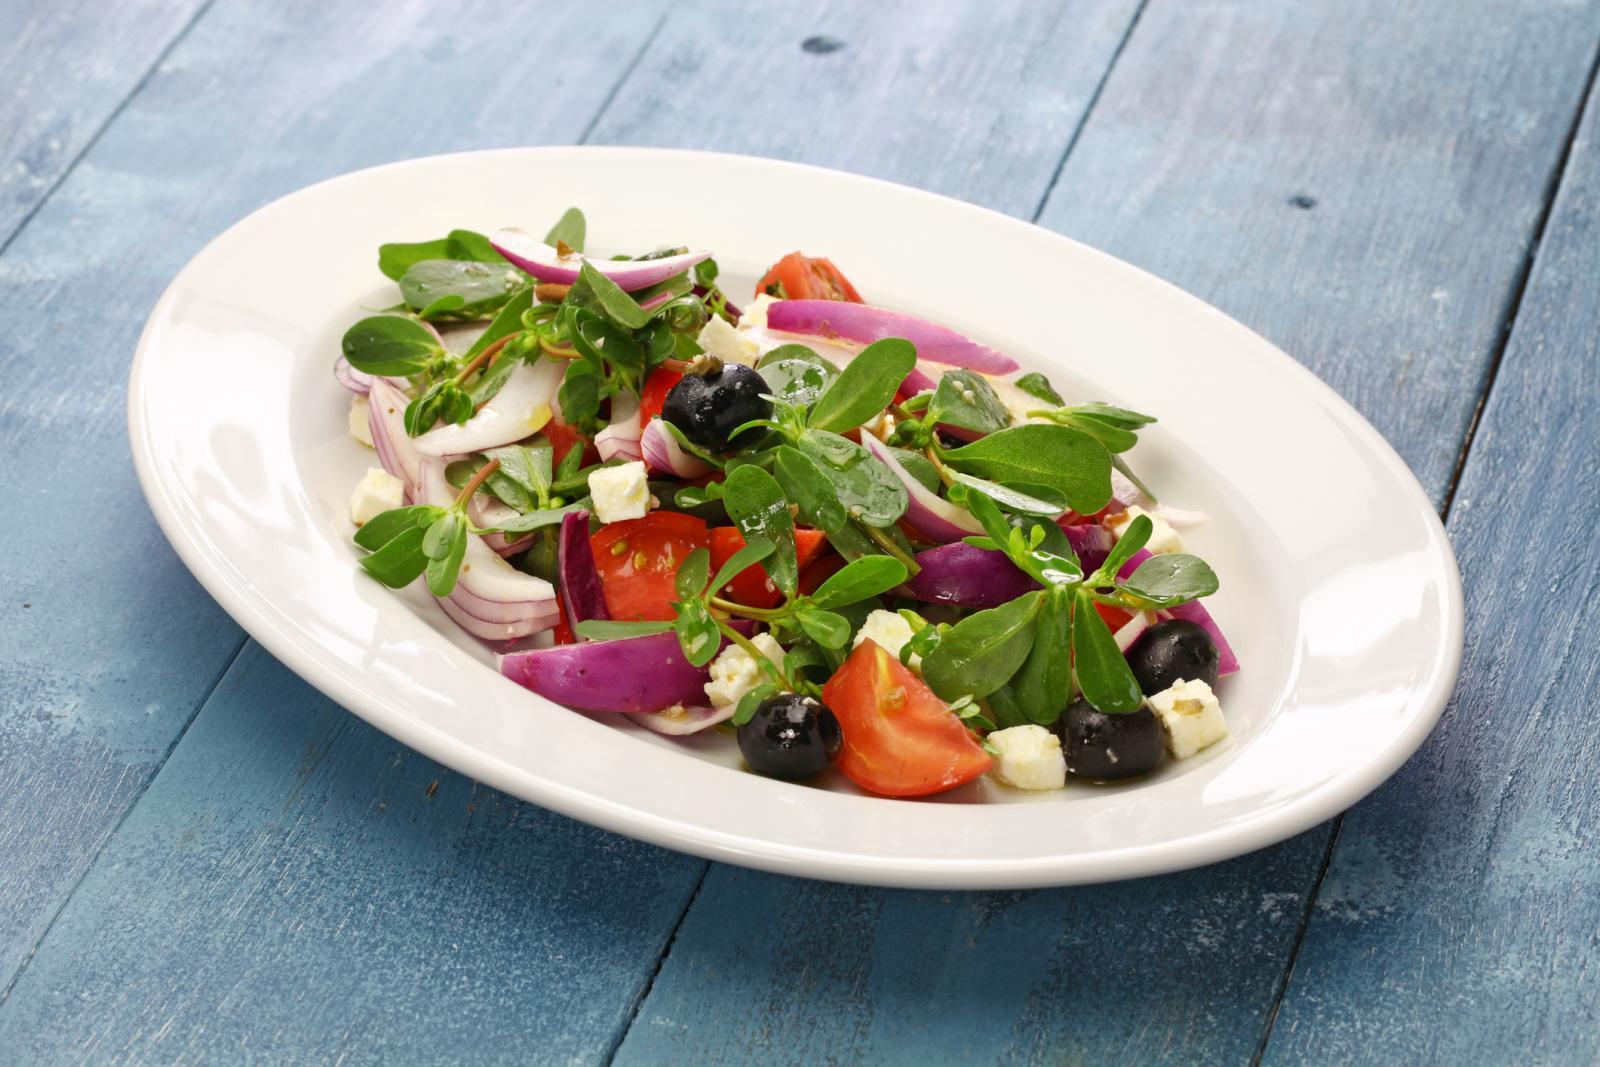 Pripremite ga poput drugog zelenog lisnatog povrća - na salatu, lešo, na varivo ili ga ukiselite.